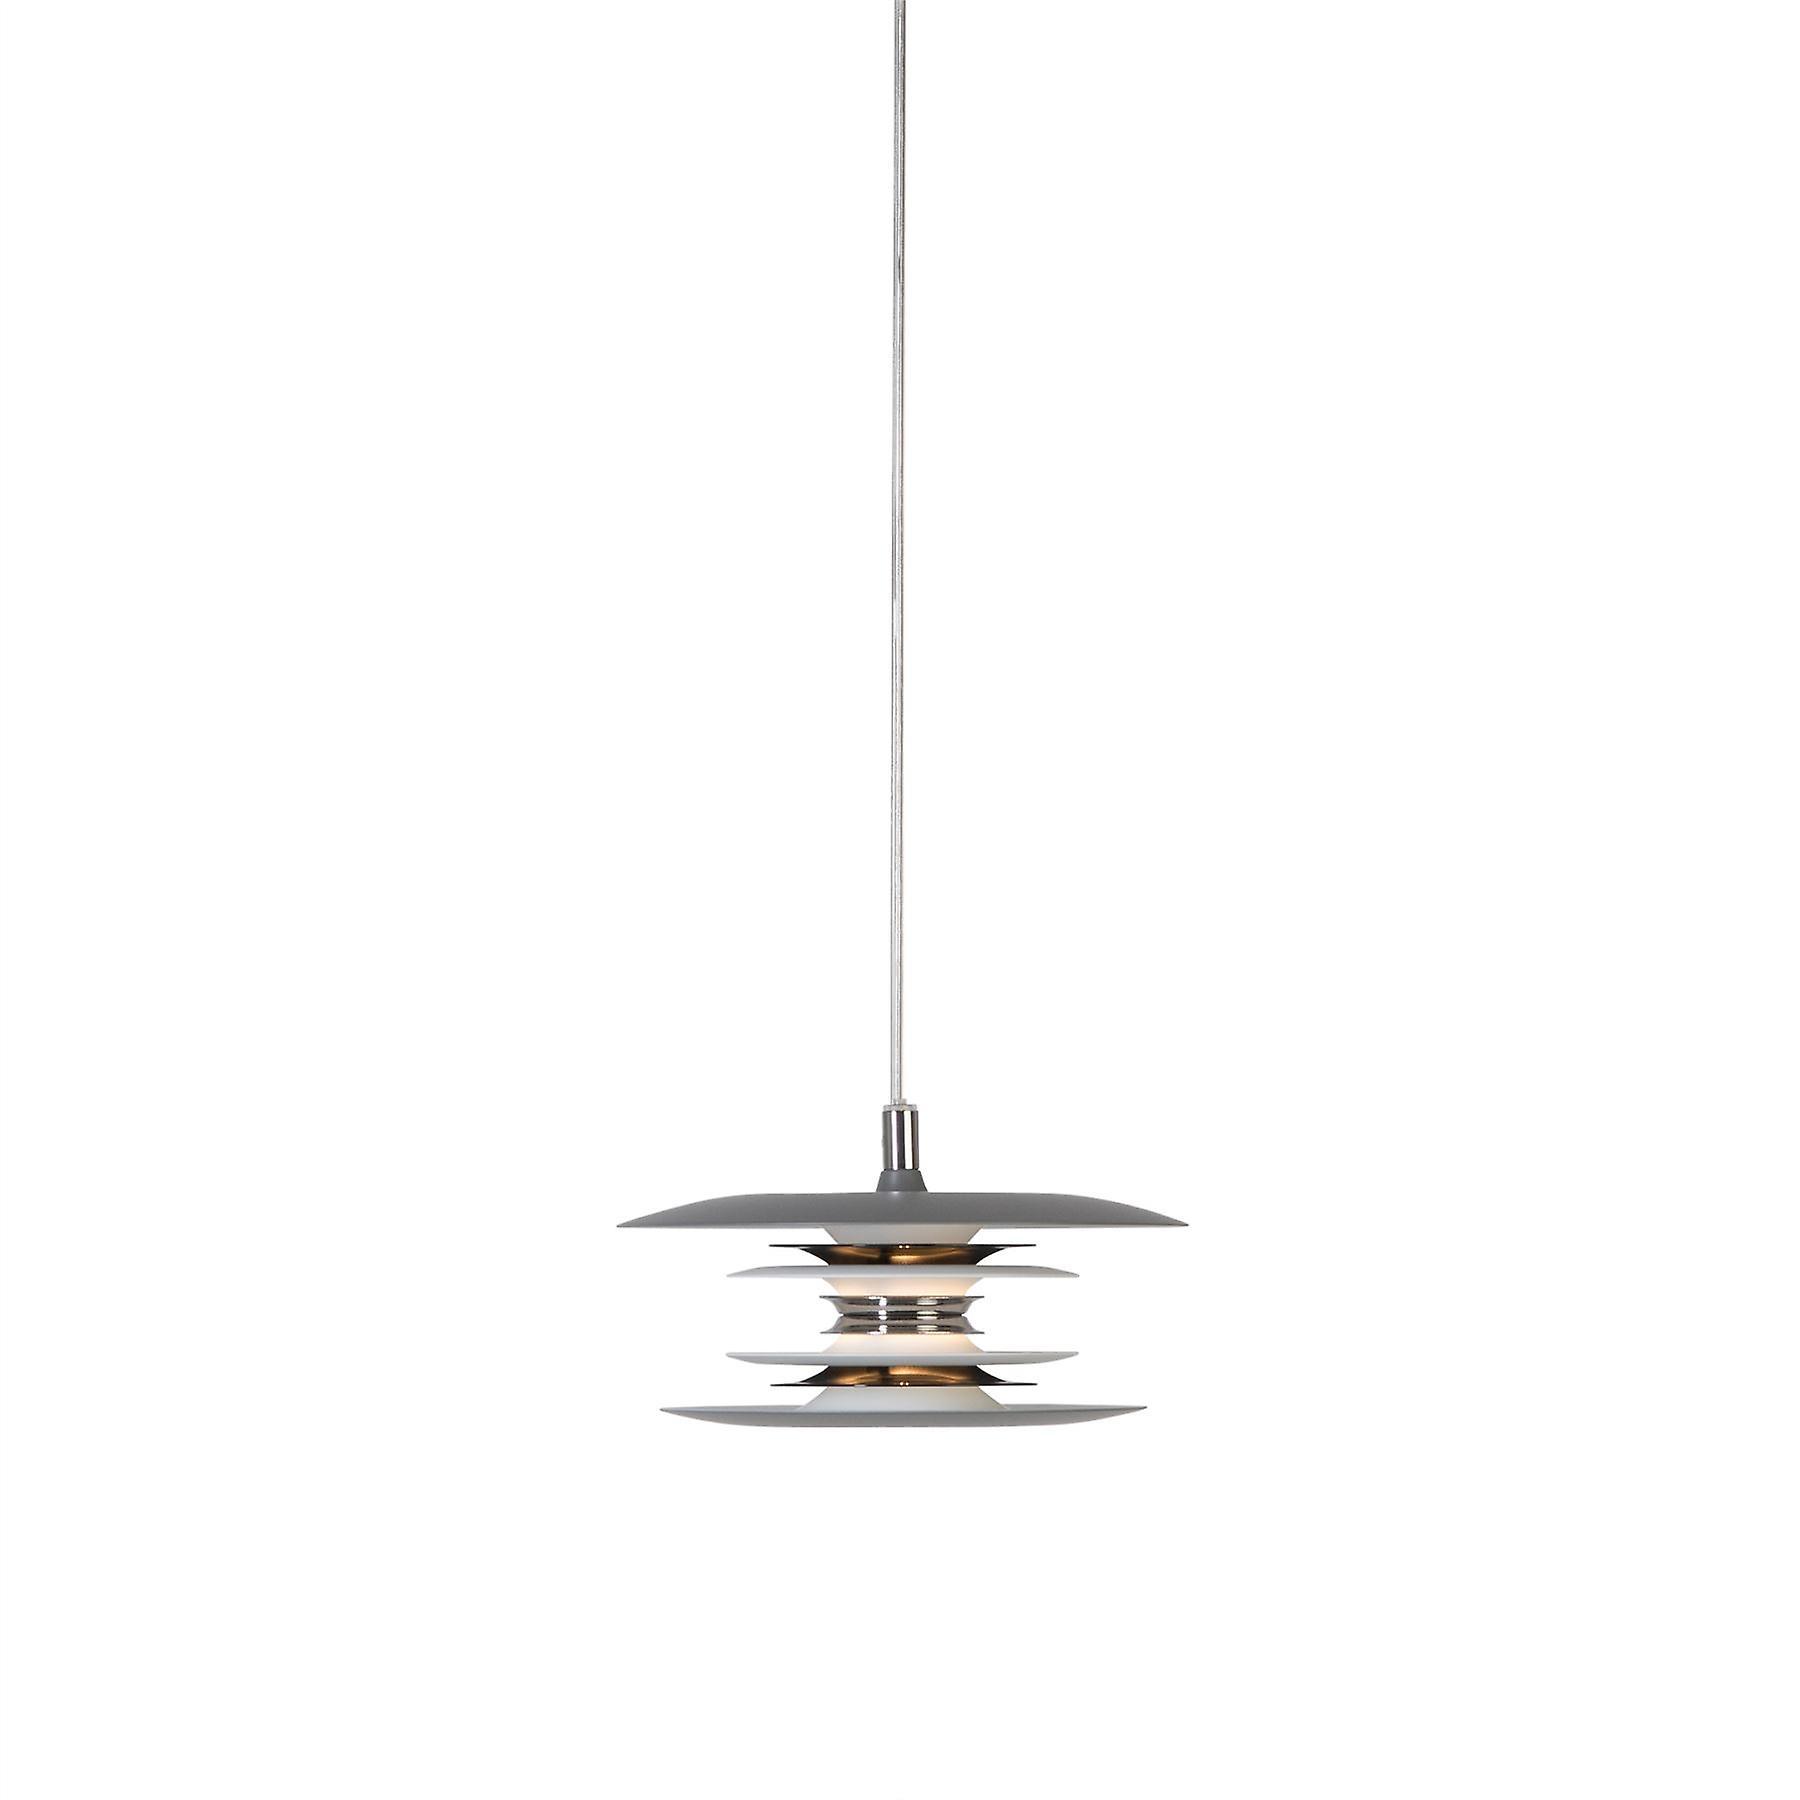 Belid - Diablo LED pendentif lumière gris, noir Shiny Finish 144748